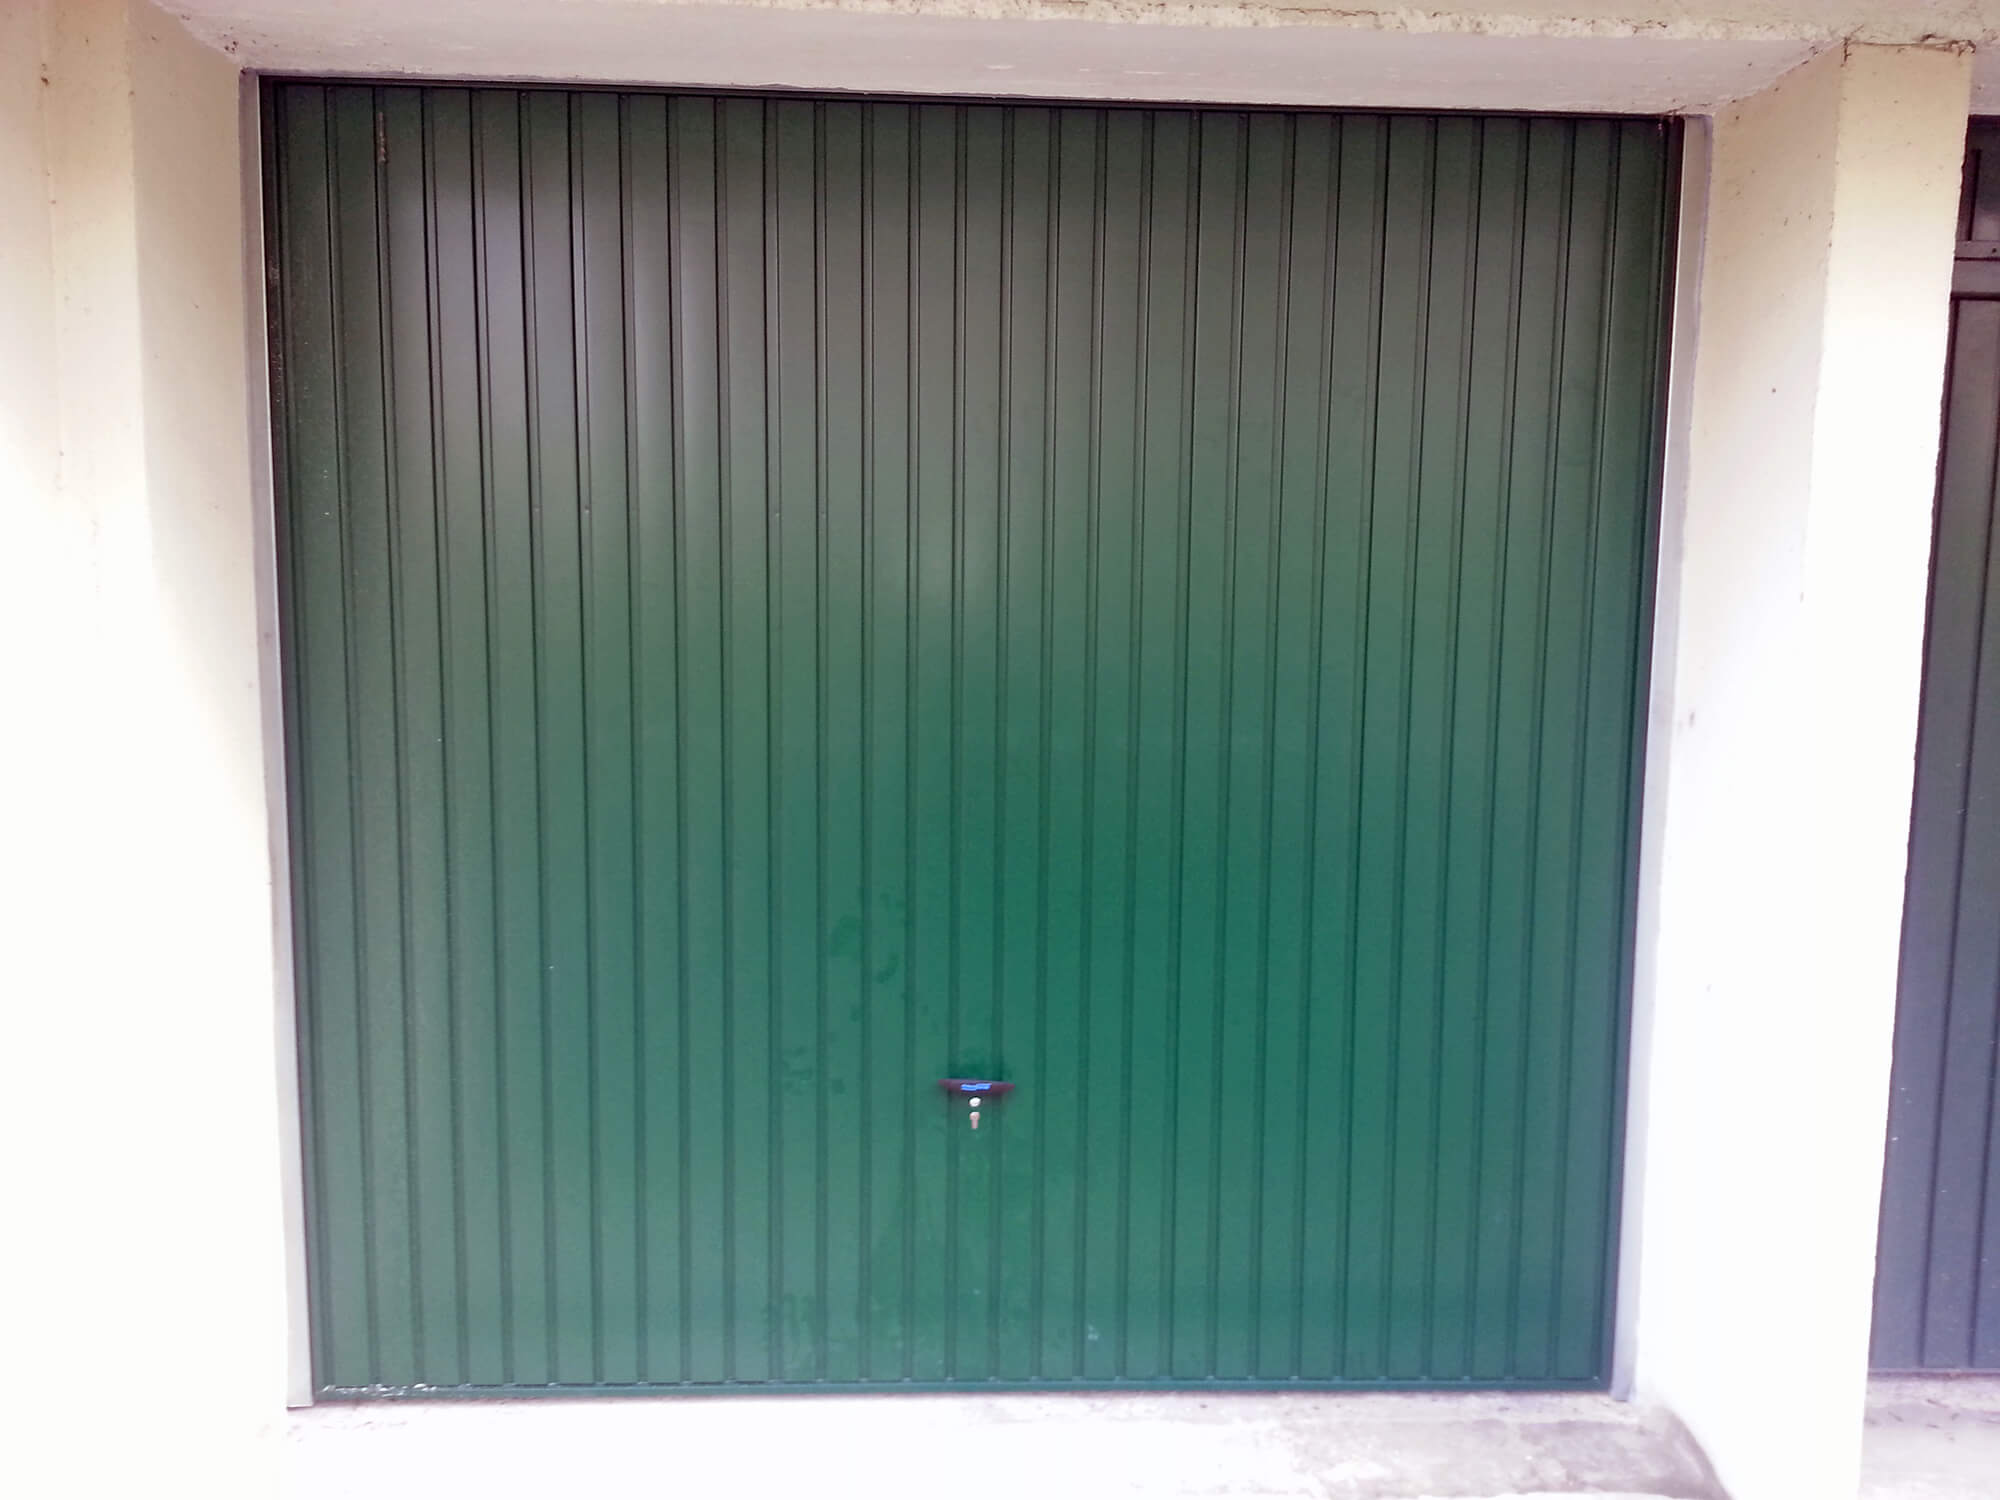 pose d 39 une porte de garage en aluminium couleur verte viroflay. Black Bedroom Furniture Sets. Home Design Ideas